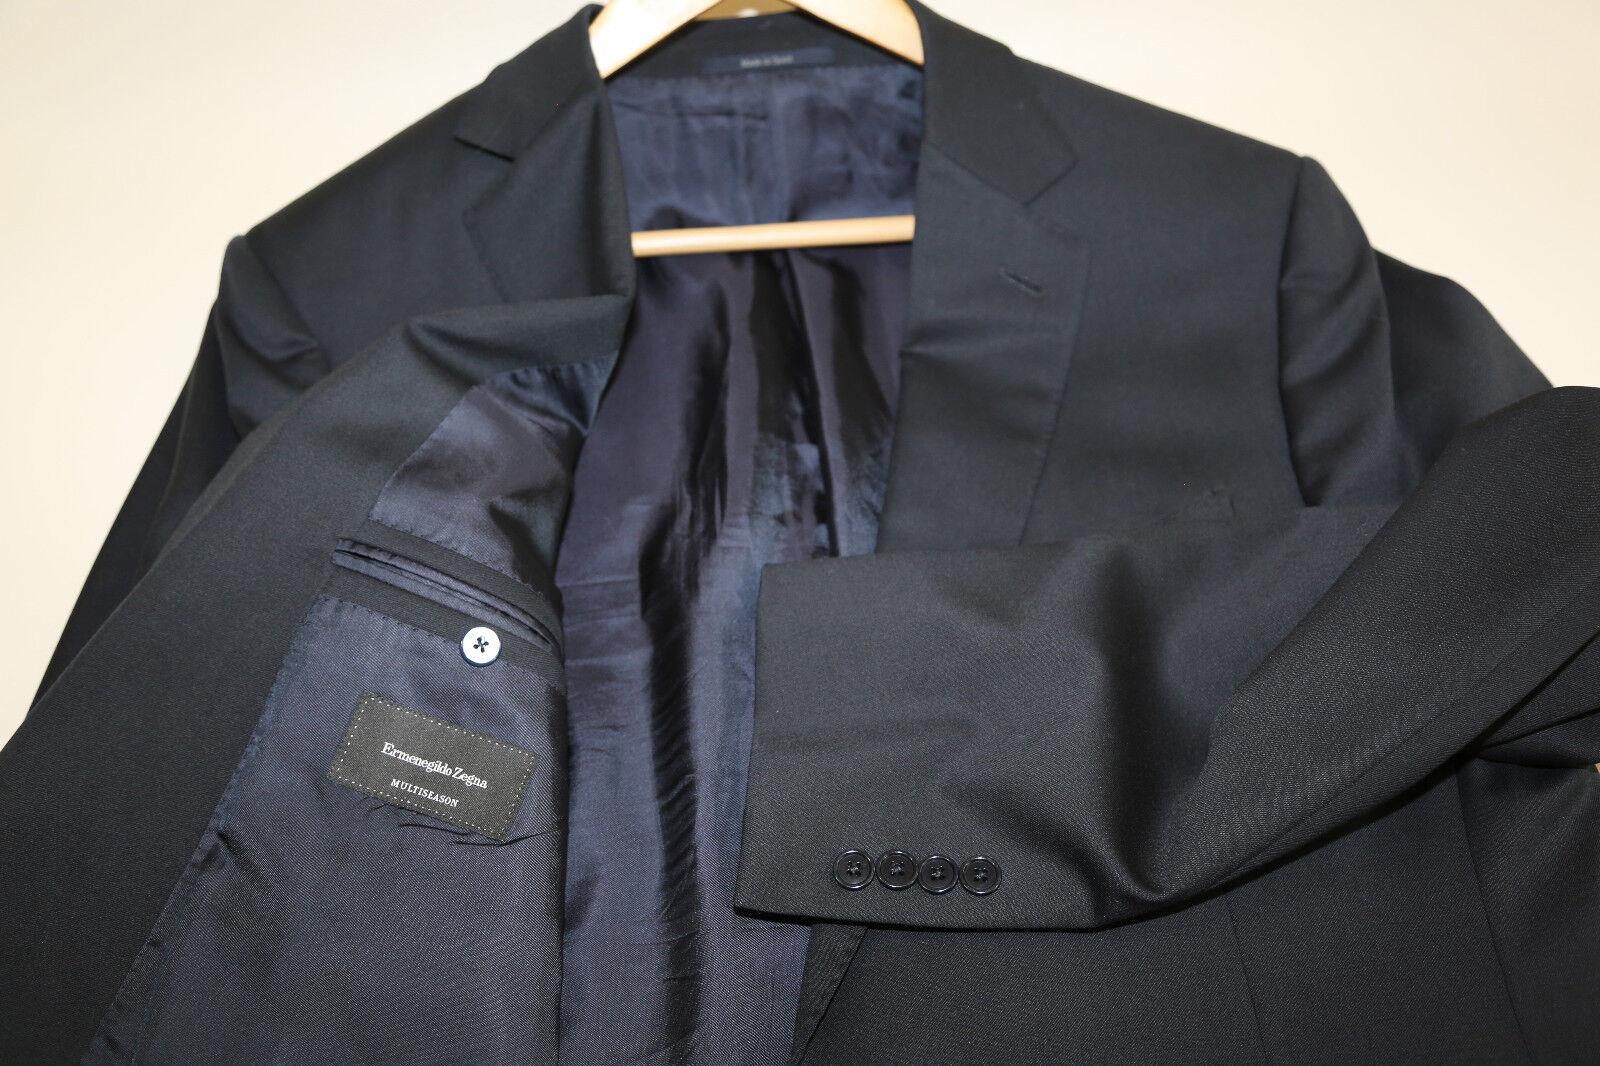 234 Ermenegildo Zegna NavyTwo Button Blazer Jacket Größe 44 R